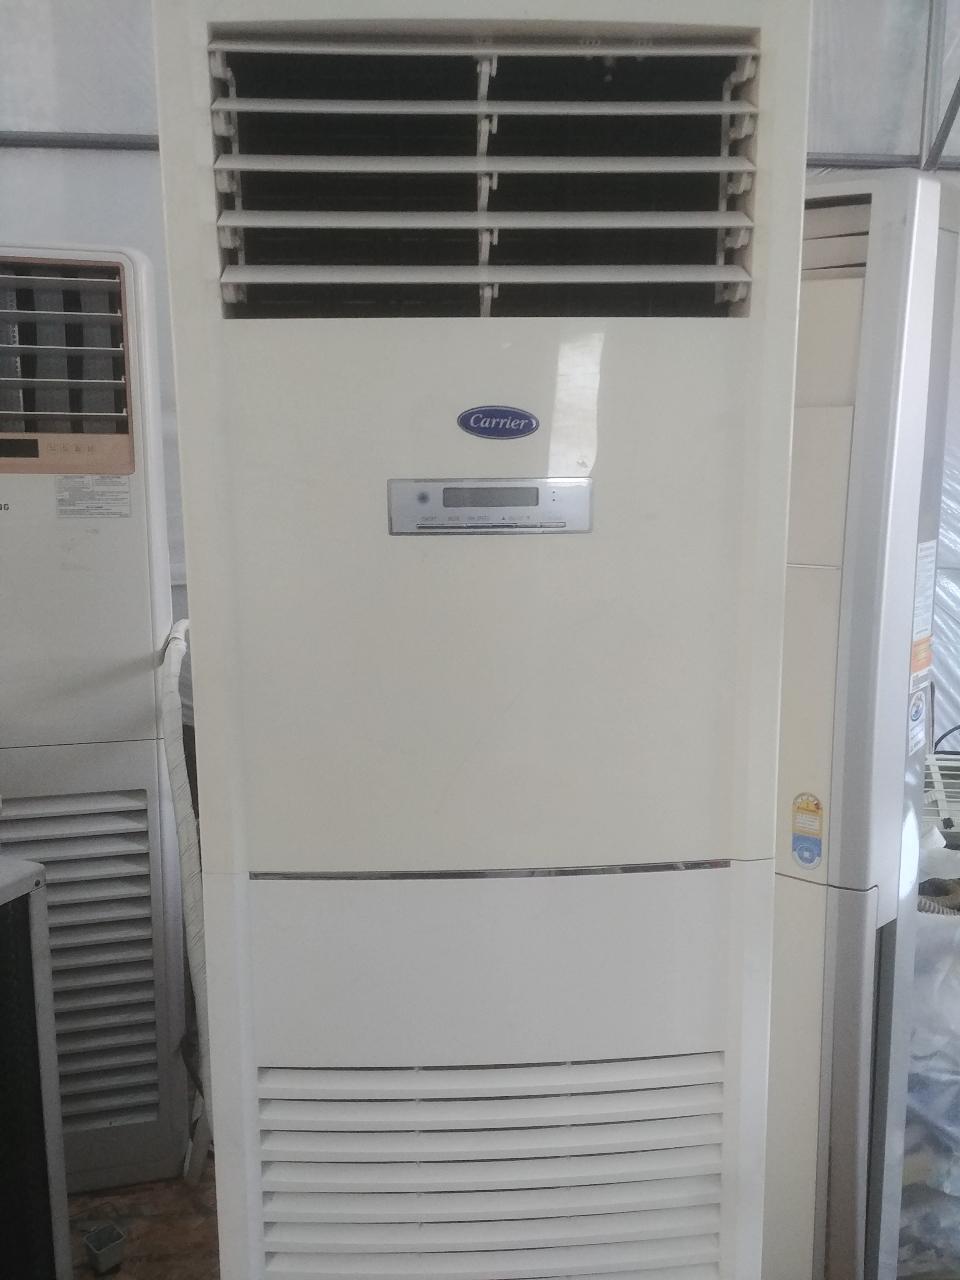 캐리어 40평 인버터 냉난방기 판매